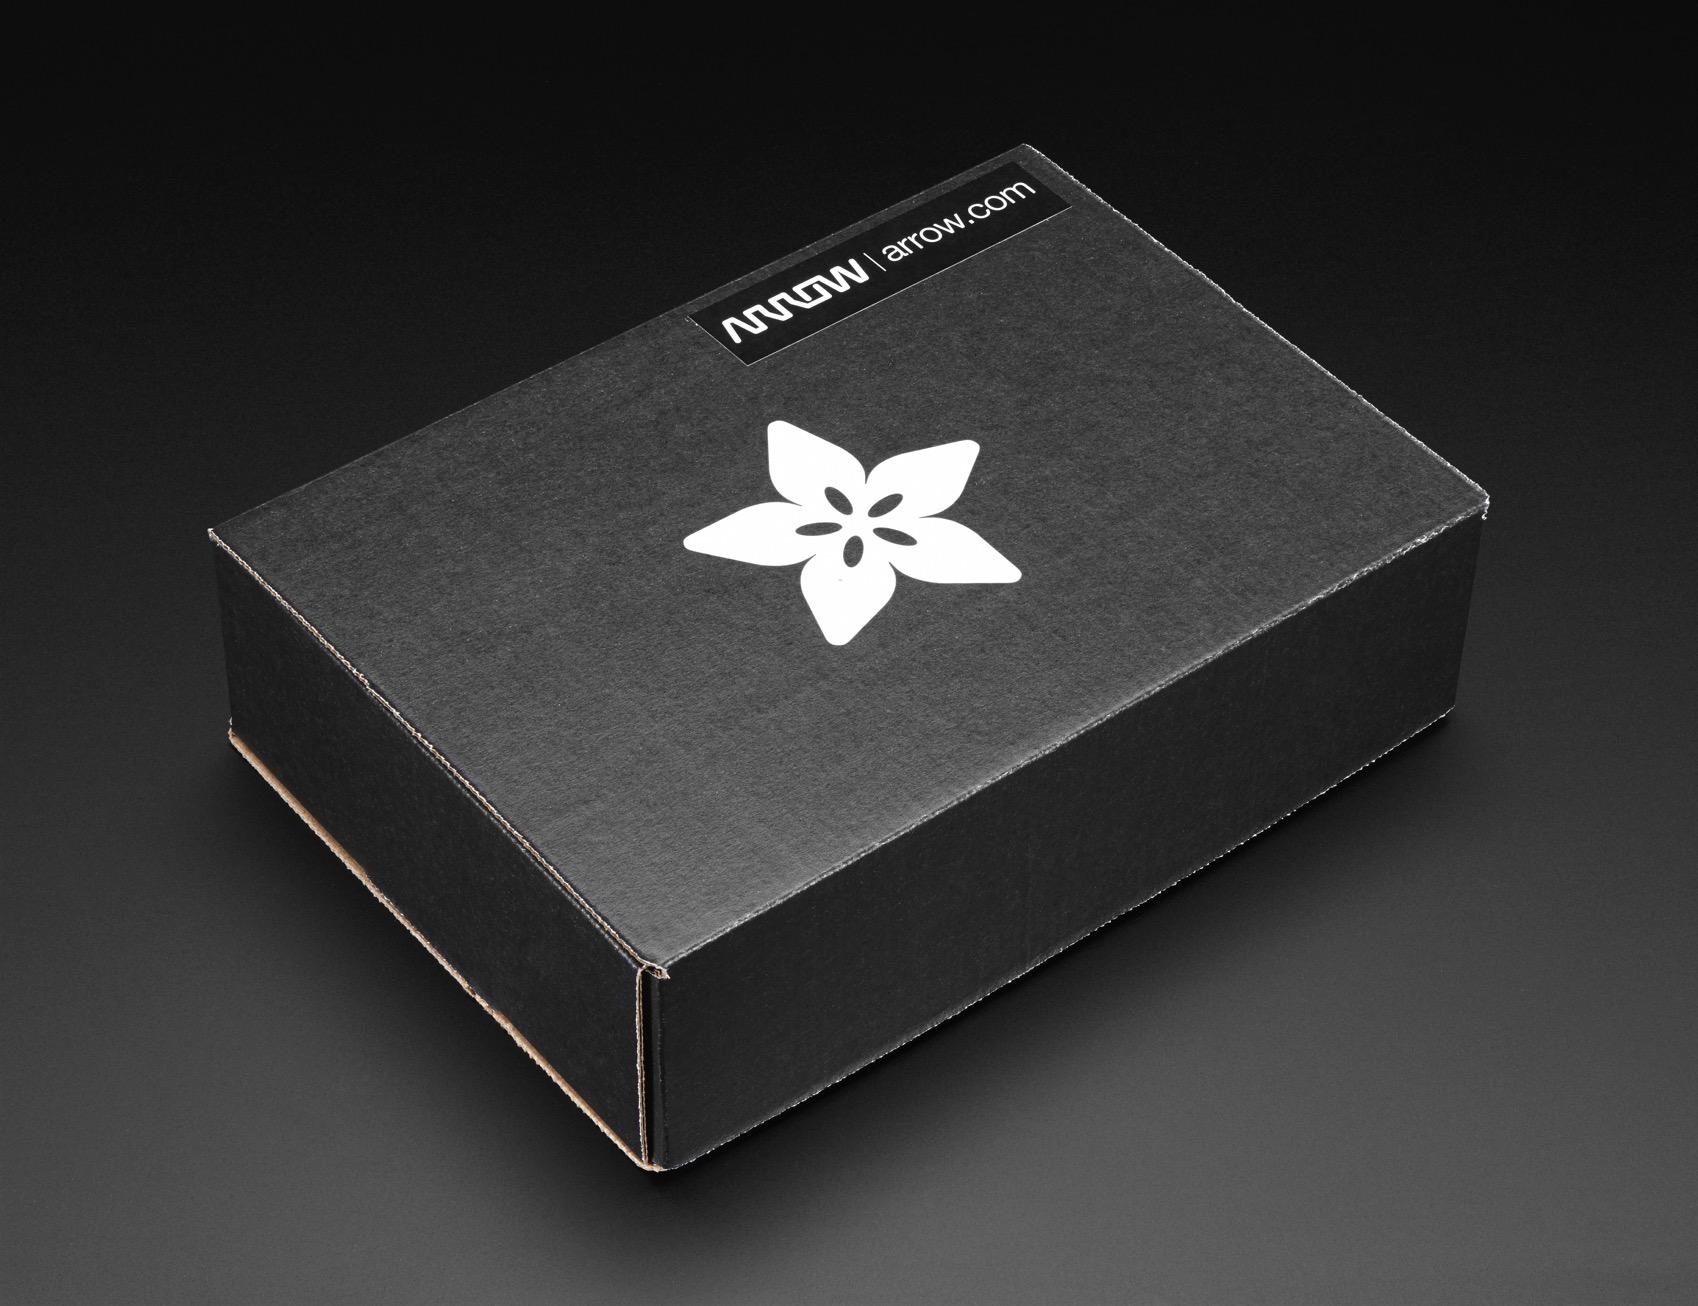 Adafruit Arrow iso box ORIG